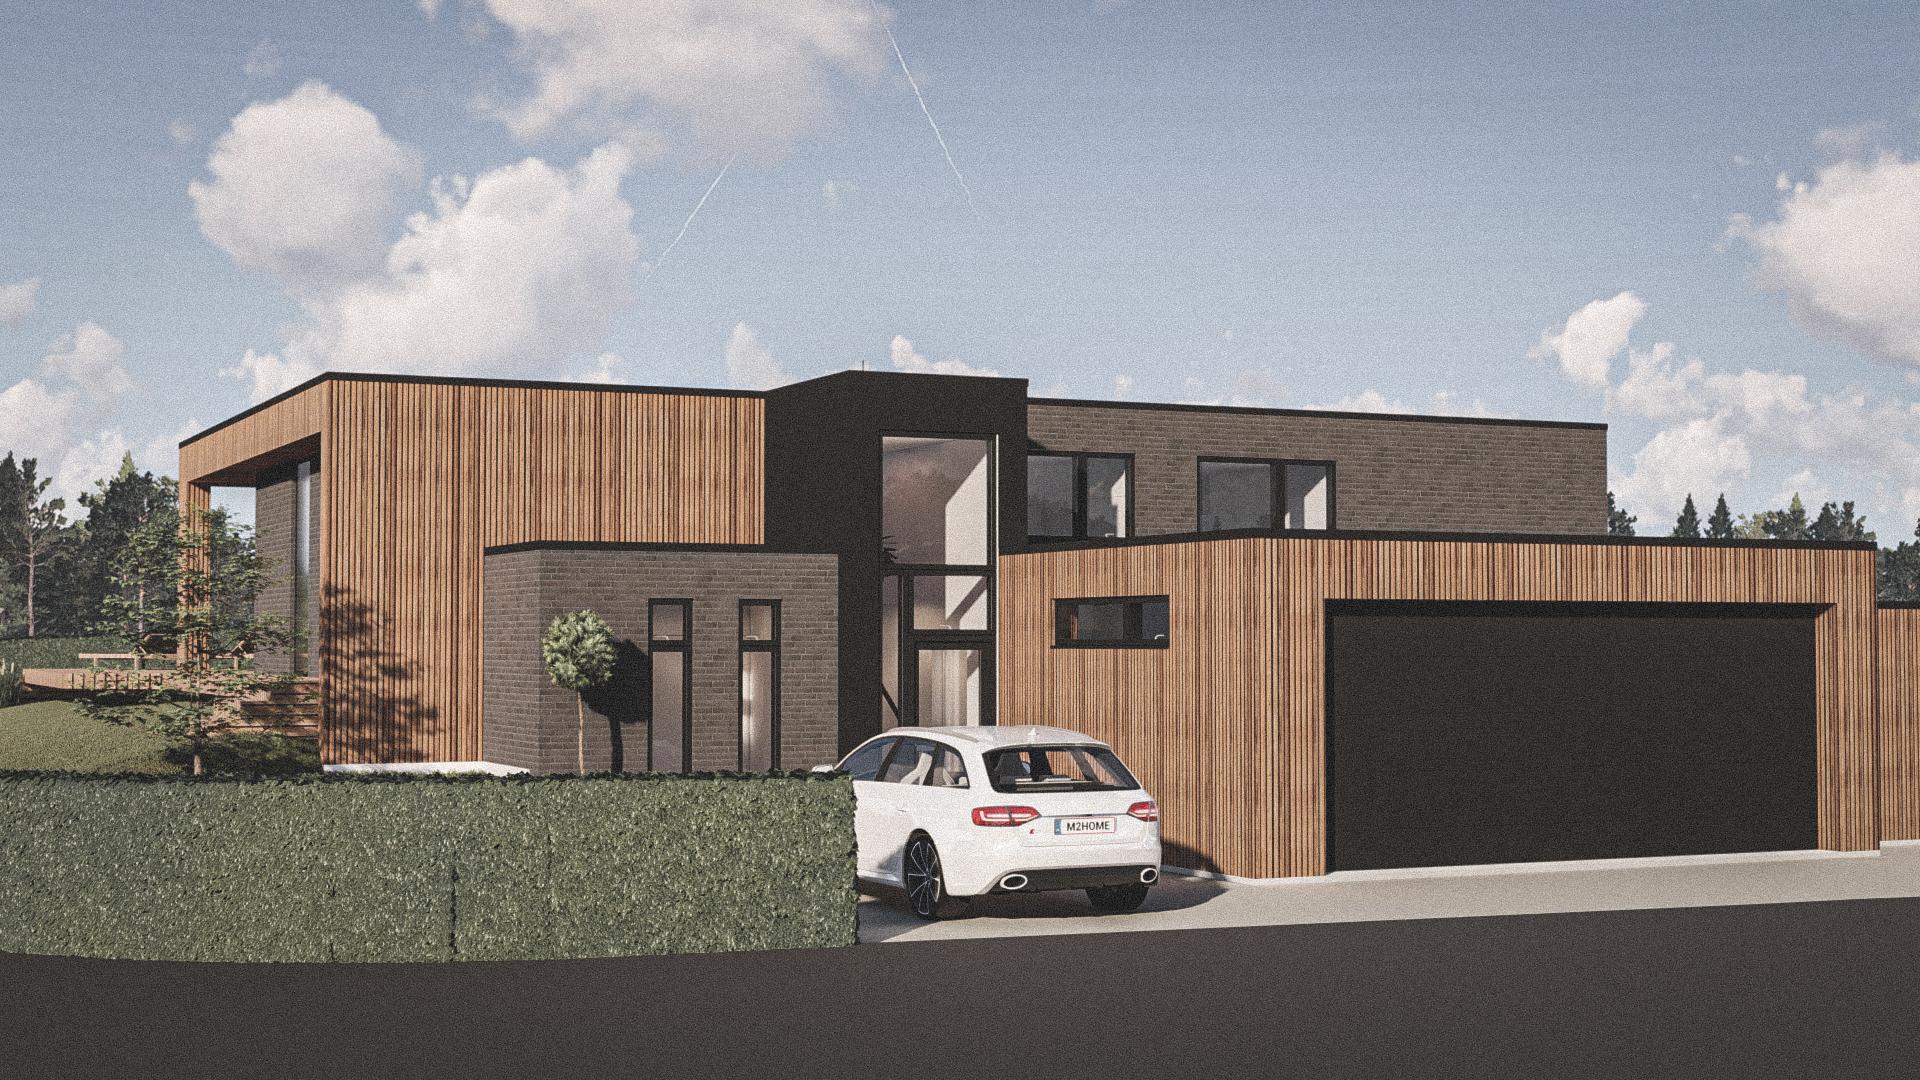 Billede af Dansk arkitekttegnet 1 plan villa af arkitektfirmaet m2plus, i Silkeborg på 157 kvartratmeter.